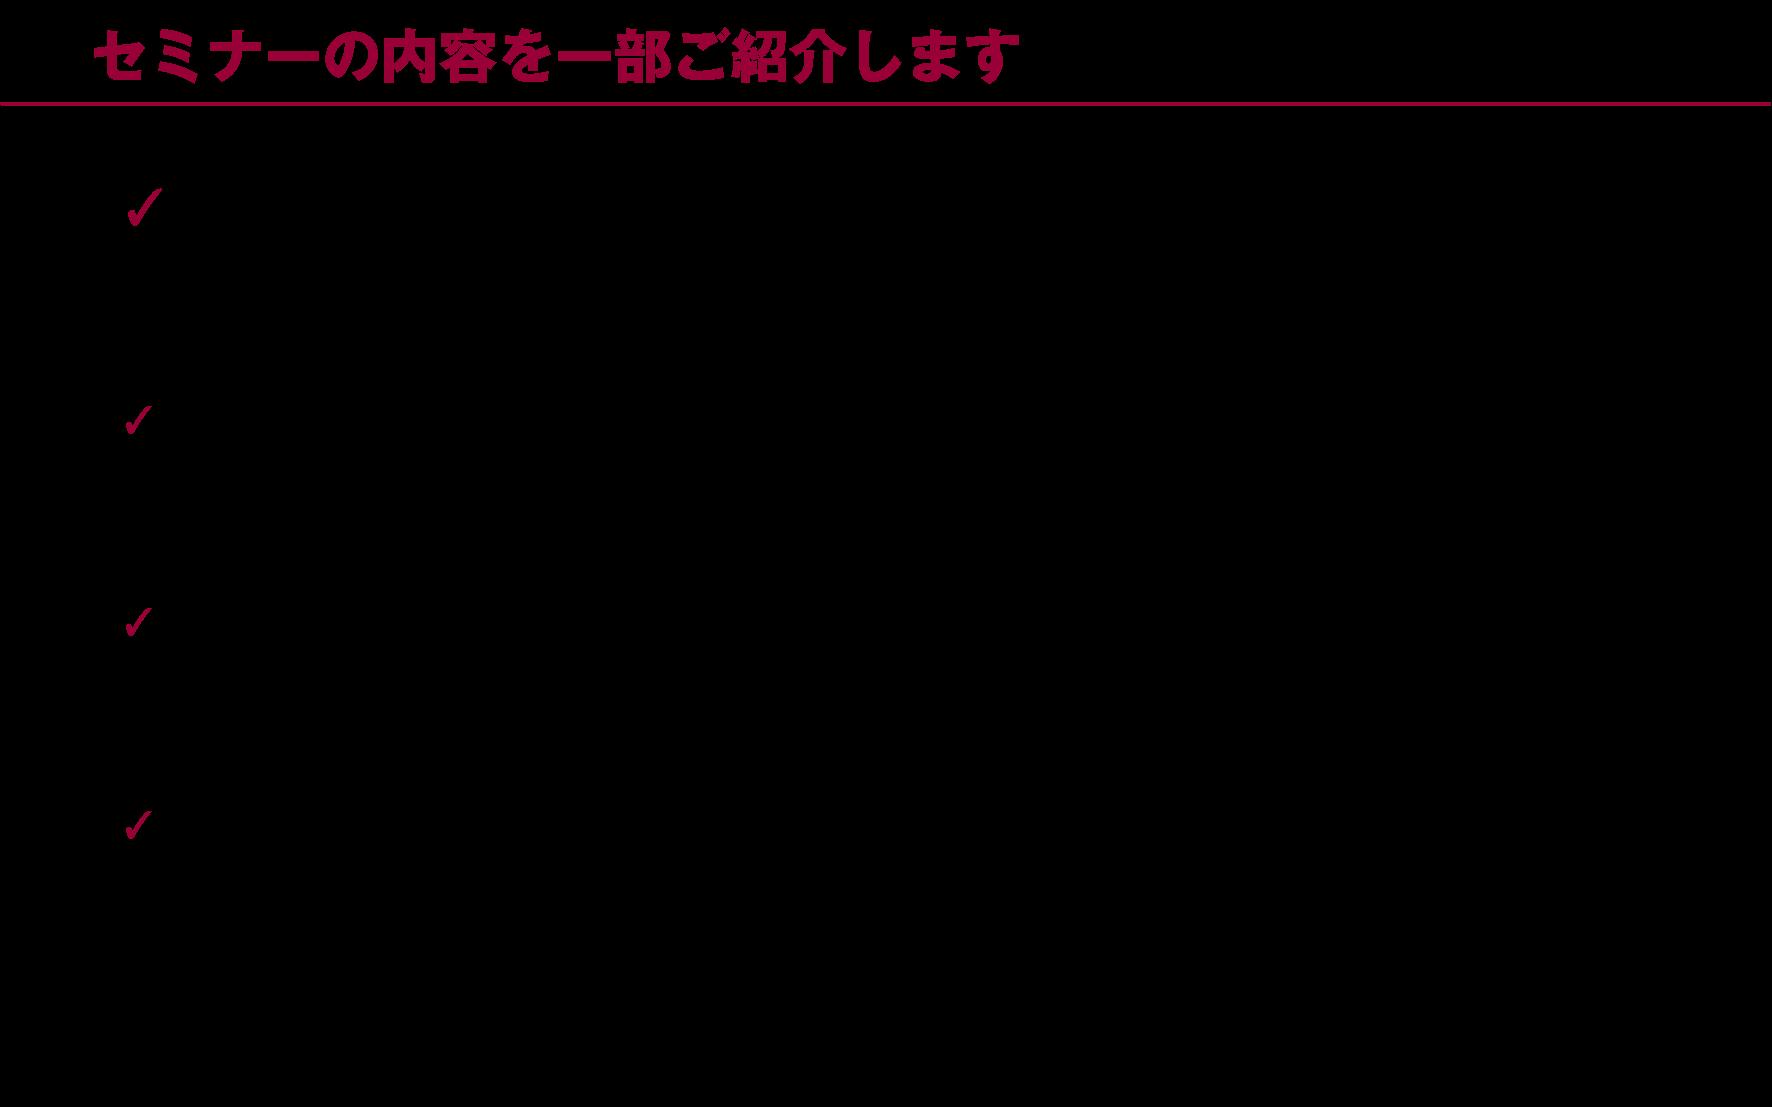 3-4月本部概要(コンテンツ)